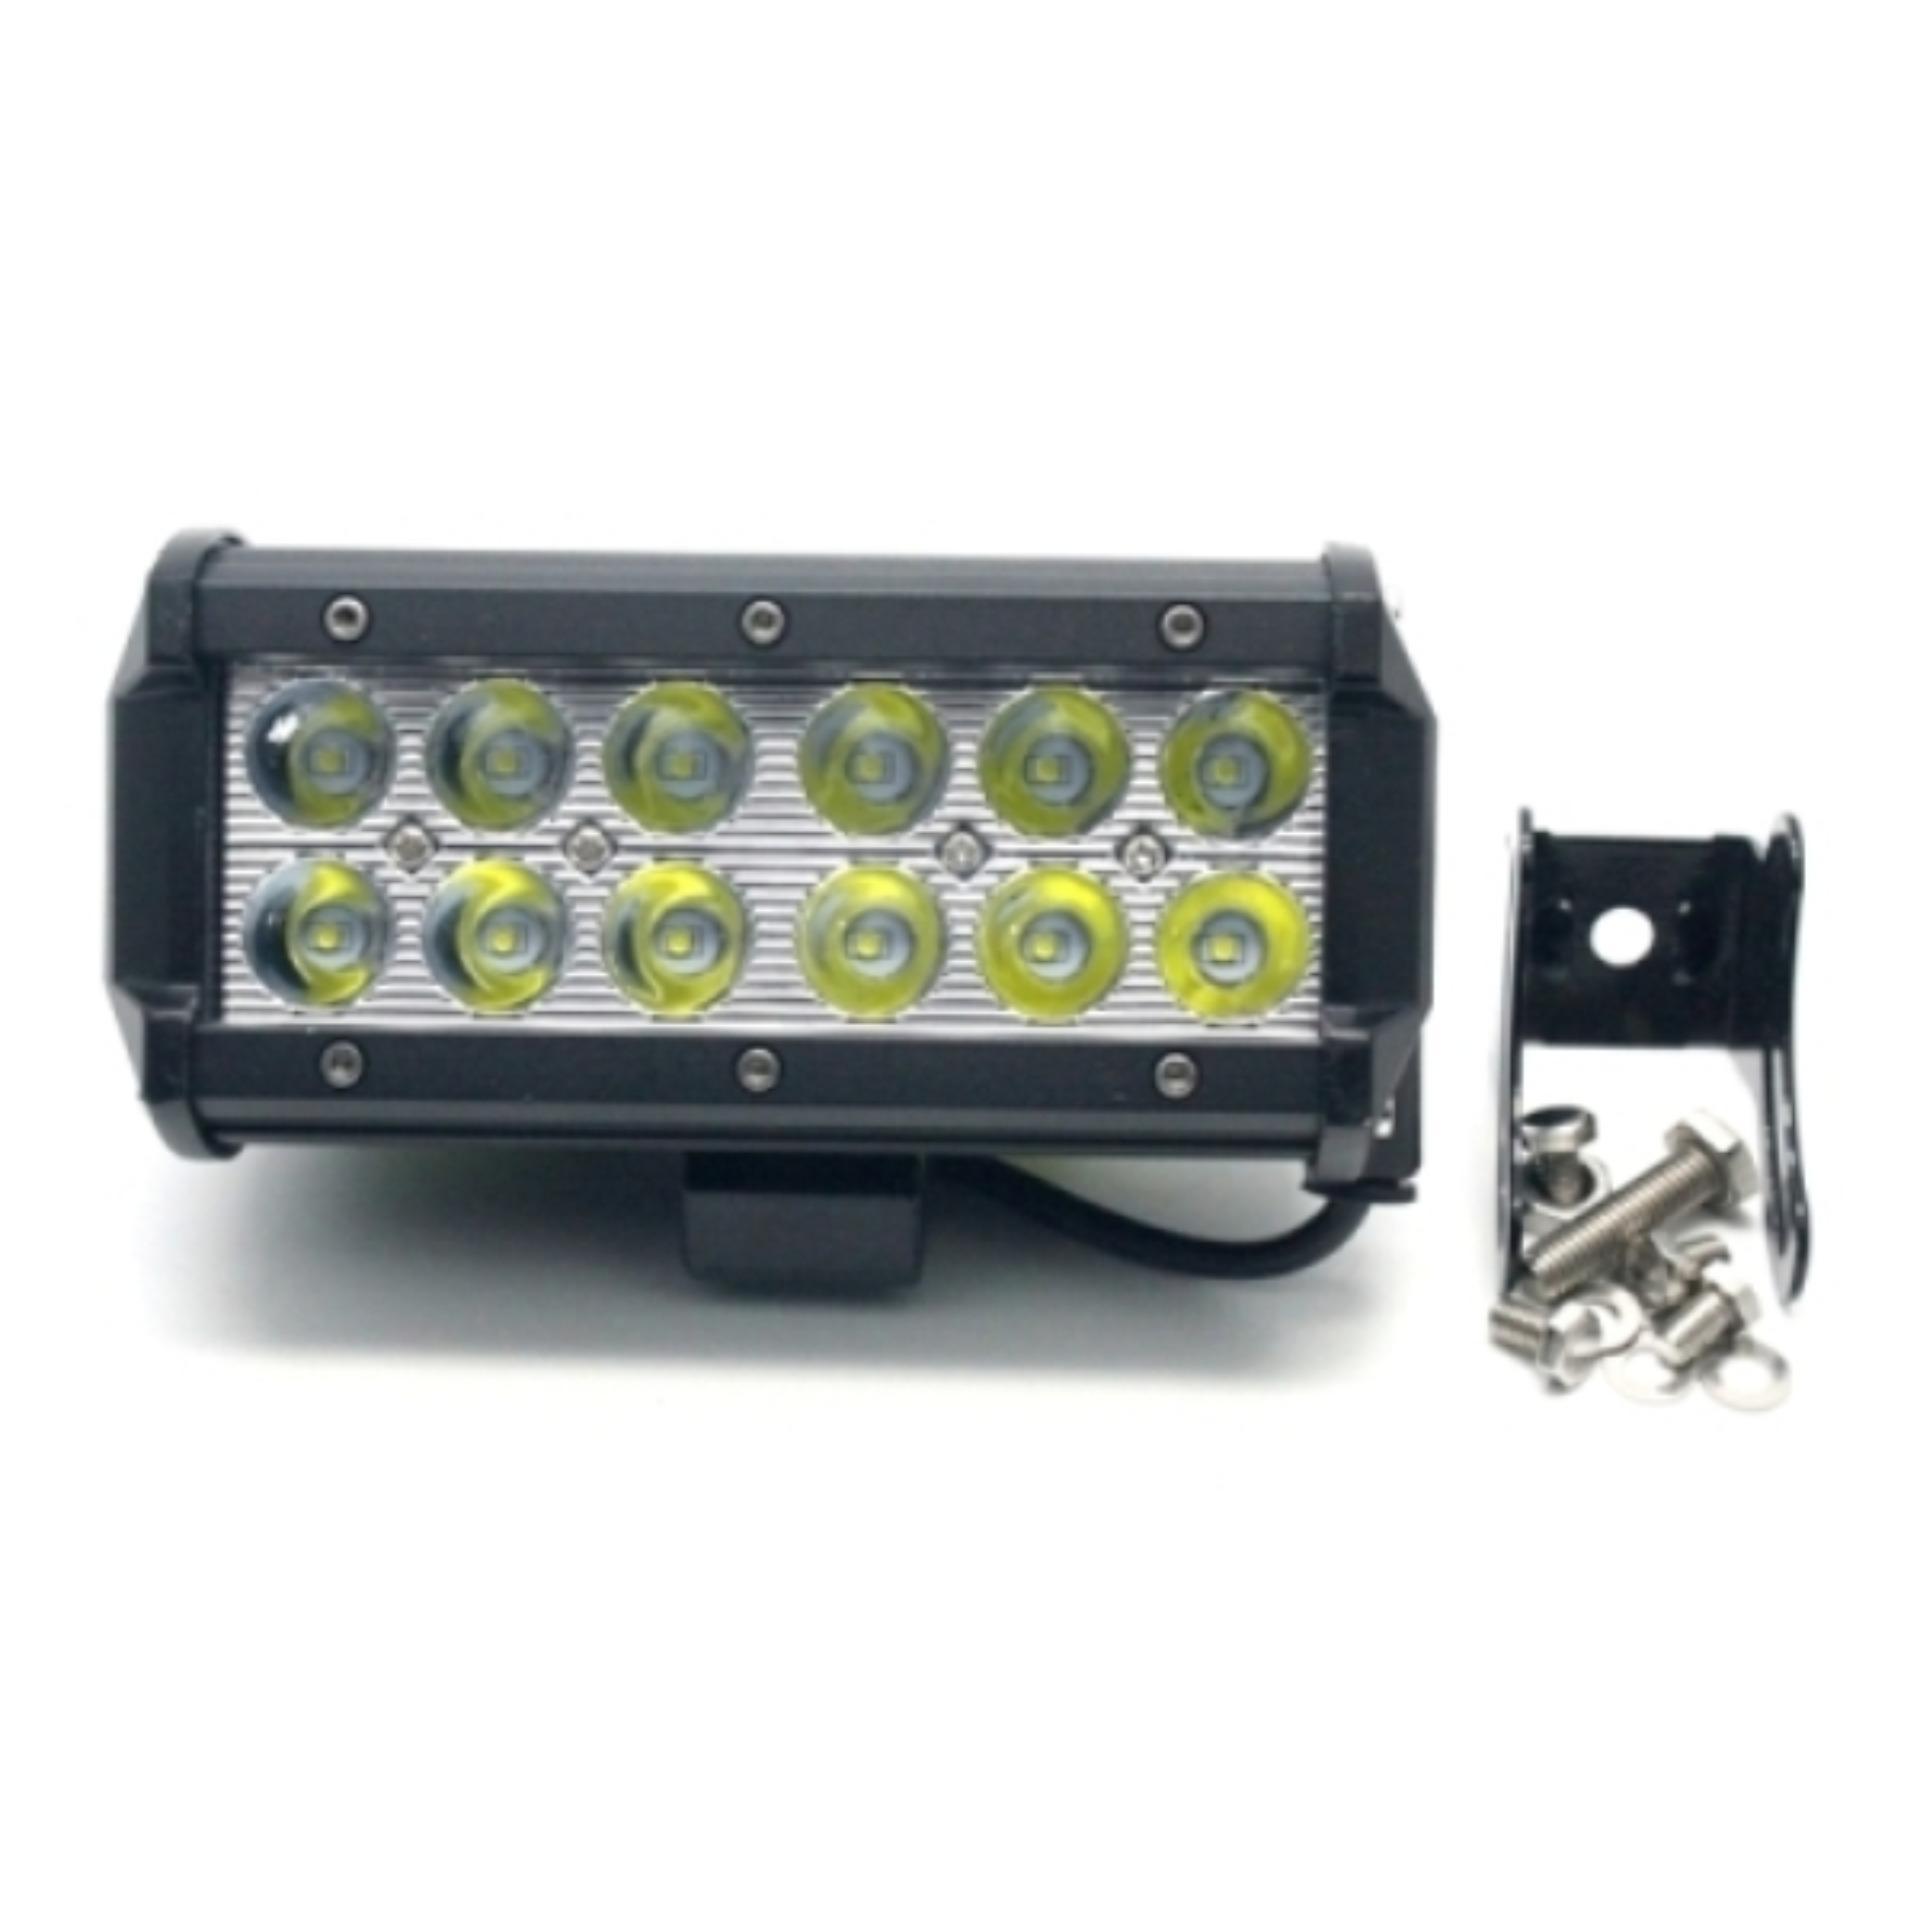 Lampu Flexibel Ons 2884 2 Stick Cob 7 Warna Sen Gt T10 1206 9 Led Red Isi2pcs Tembak 2598 12 White Rp 20000000 Green